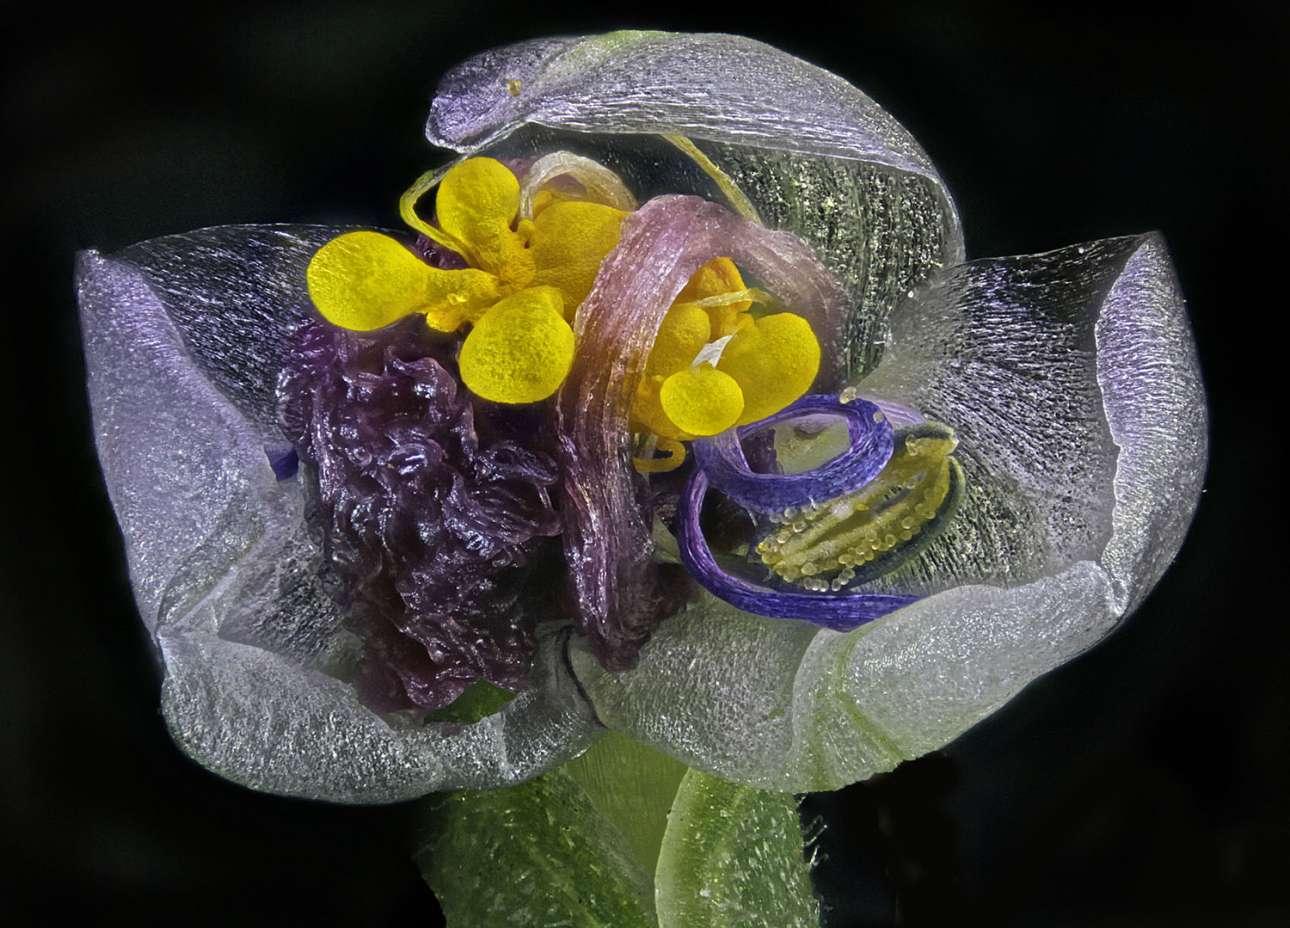 Τιμητική διάκριση: Ενα μαραμένο λουλούδι μεγεθυσμένο τέσσερις φορές παραμένει όμορφο ωστόσο με έναν παράξενο τρόπο